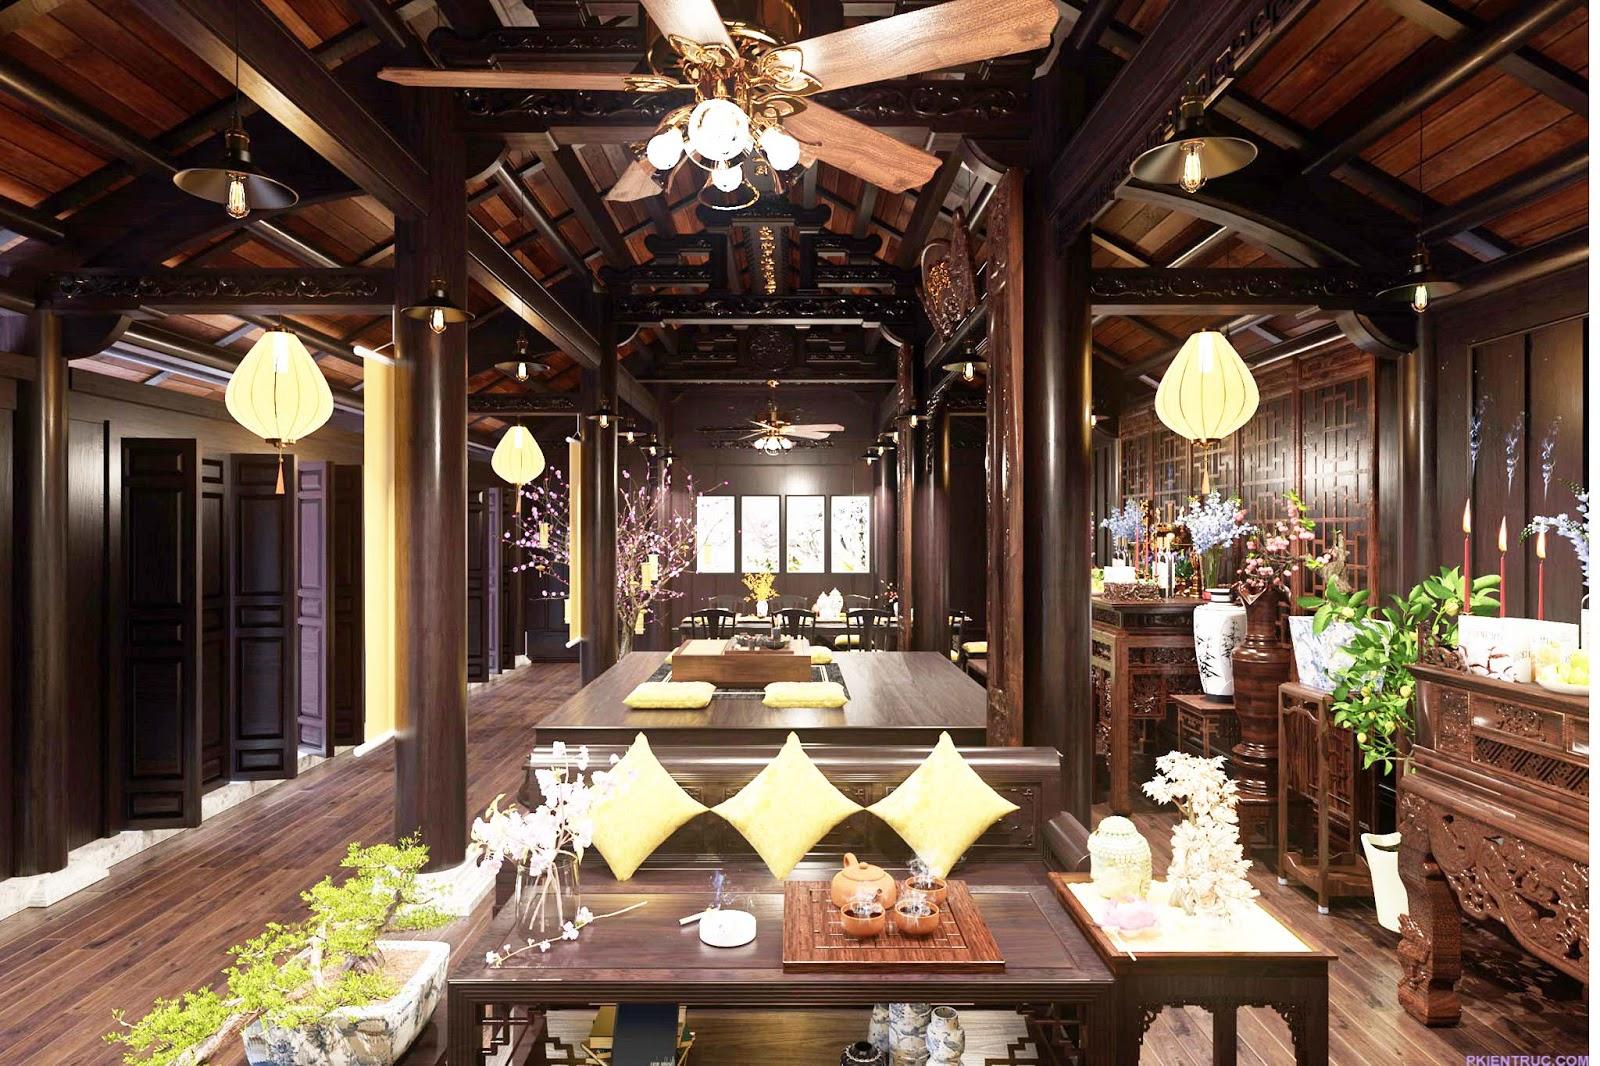 Nội thất nhà gỗ truyền thống- ảnh 2